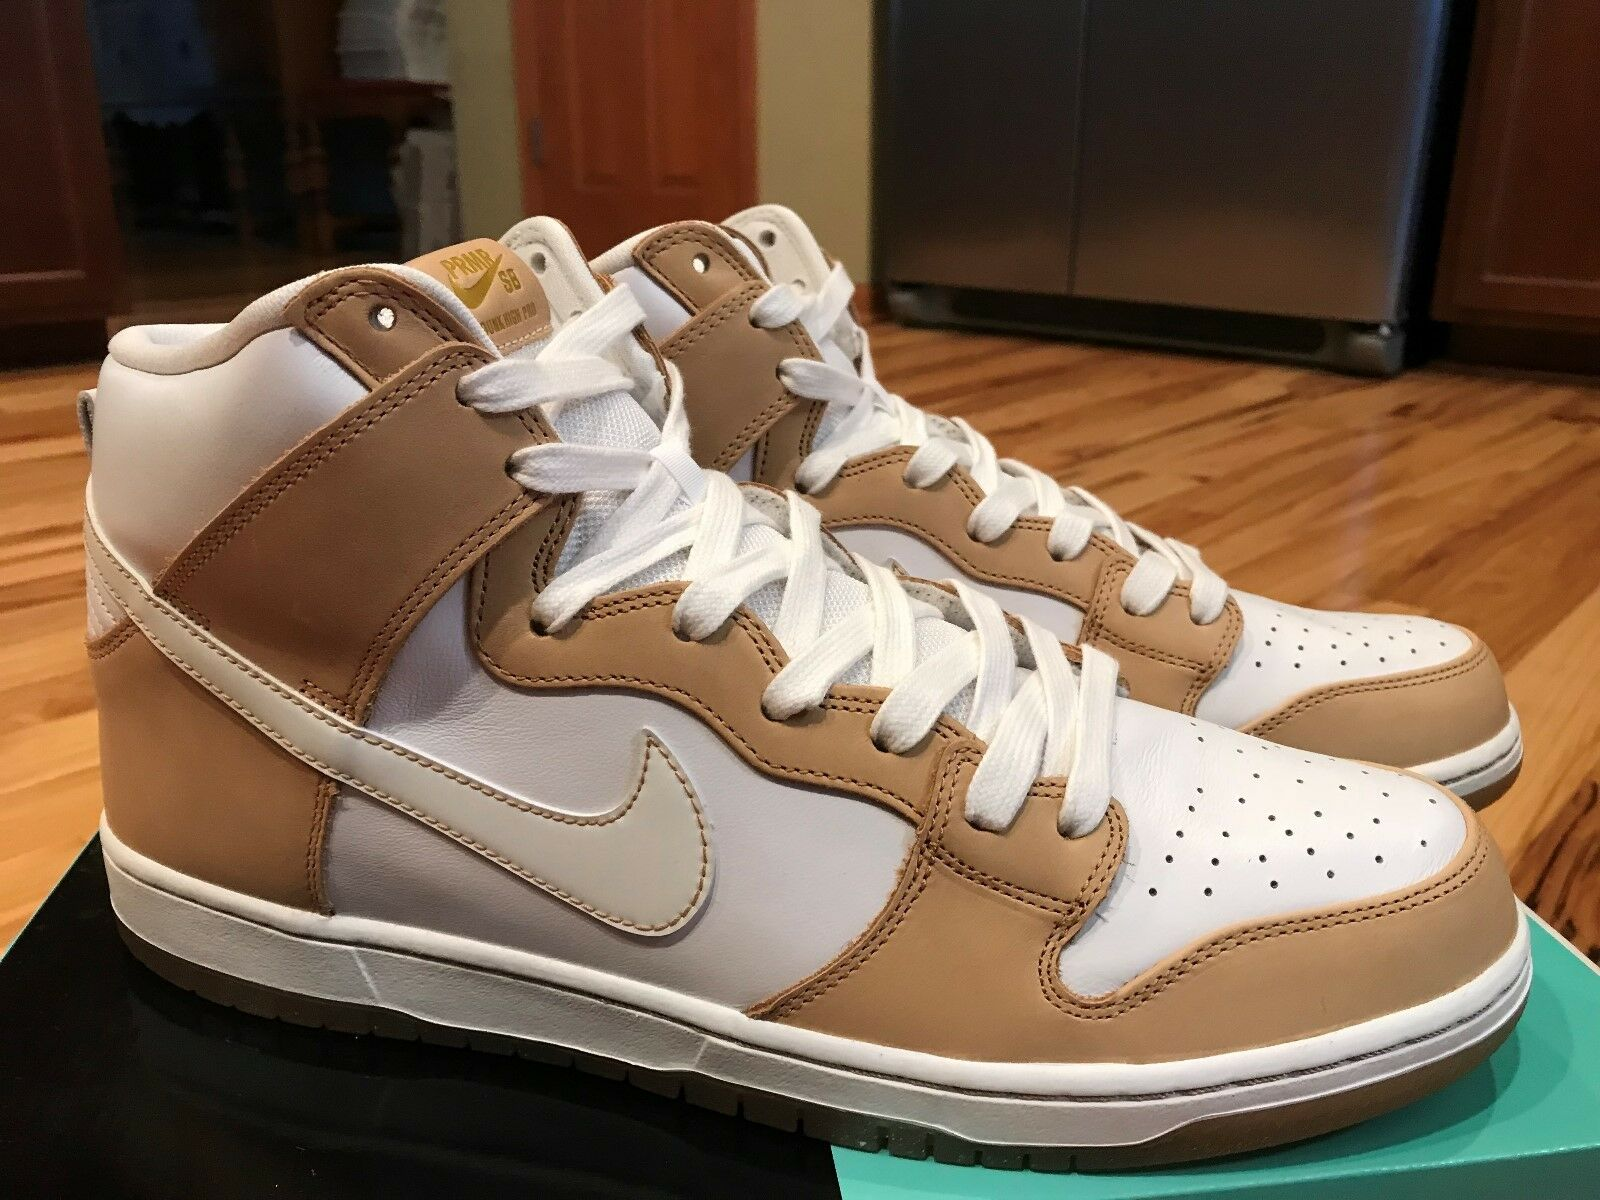 Nike SB Dunk High TRD QS  Win some lose some regolari Box 8811758 -217 Dimensione 14  fino al 50% di sconto